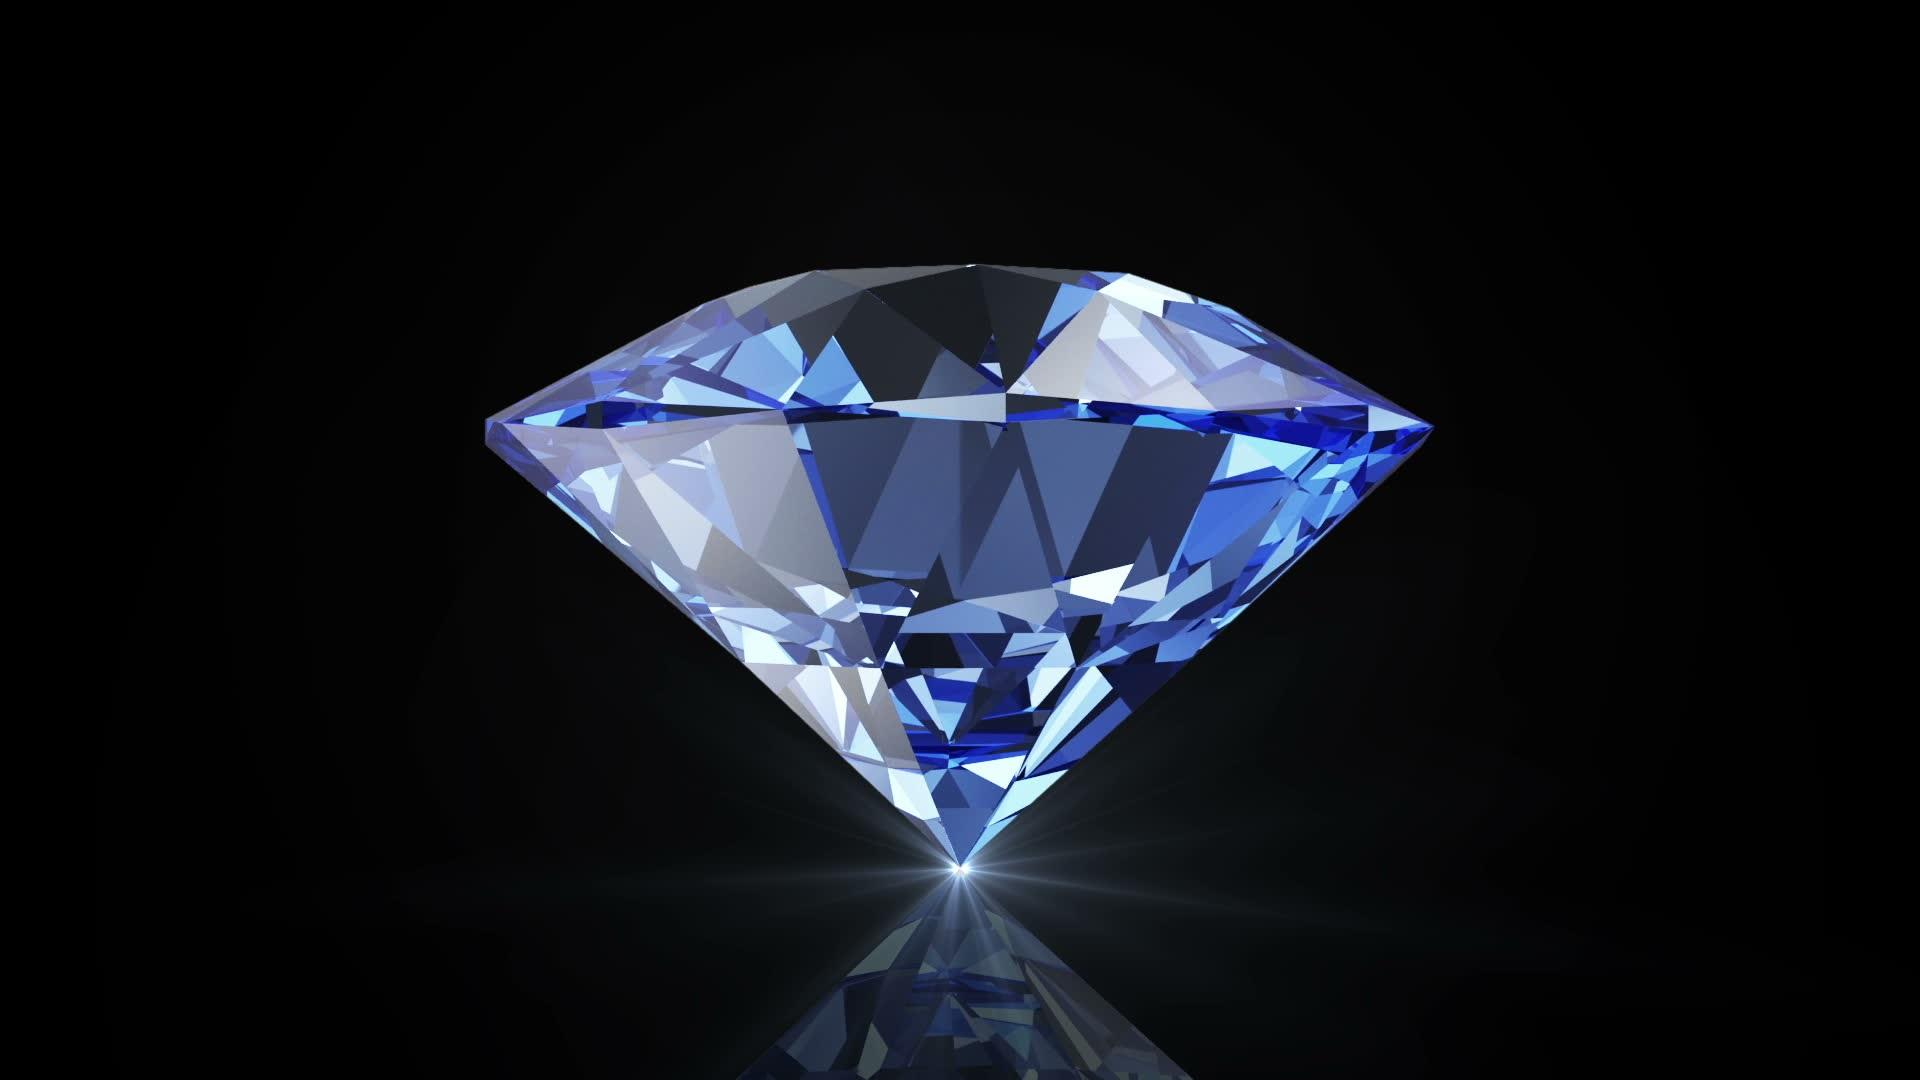 маяться, крутые картинки алмазов несмотря